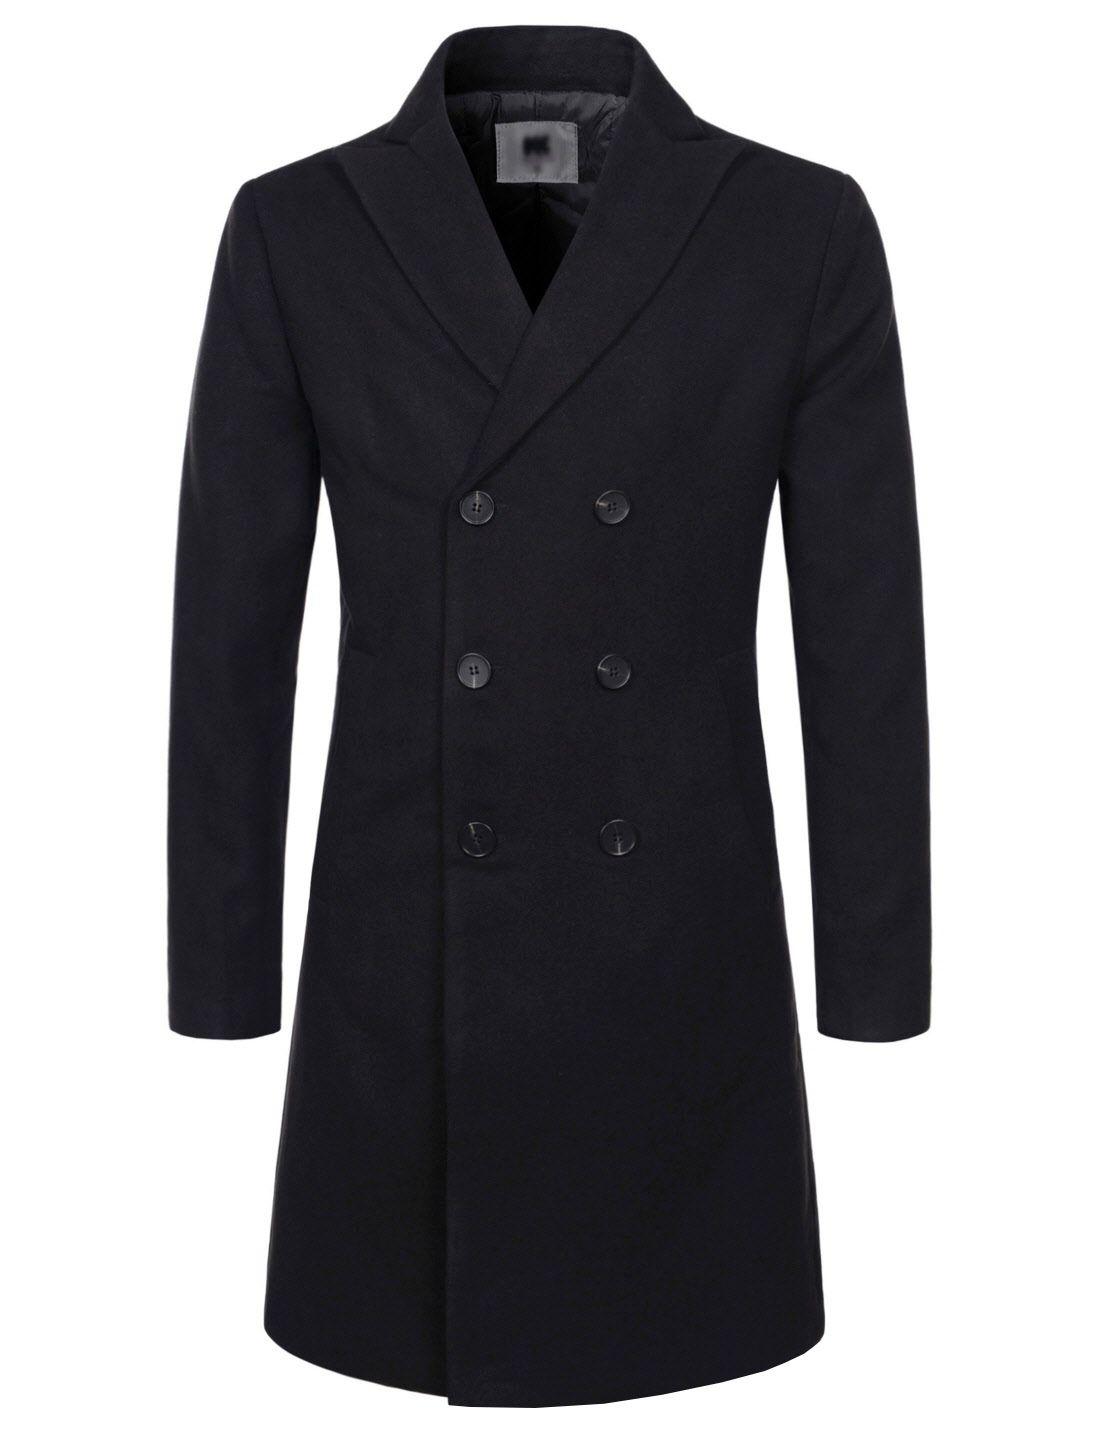 Long Double Wool nkdc7053 Coat Breasted Lapel Mens Blend Peaked Thelees AWpn88U